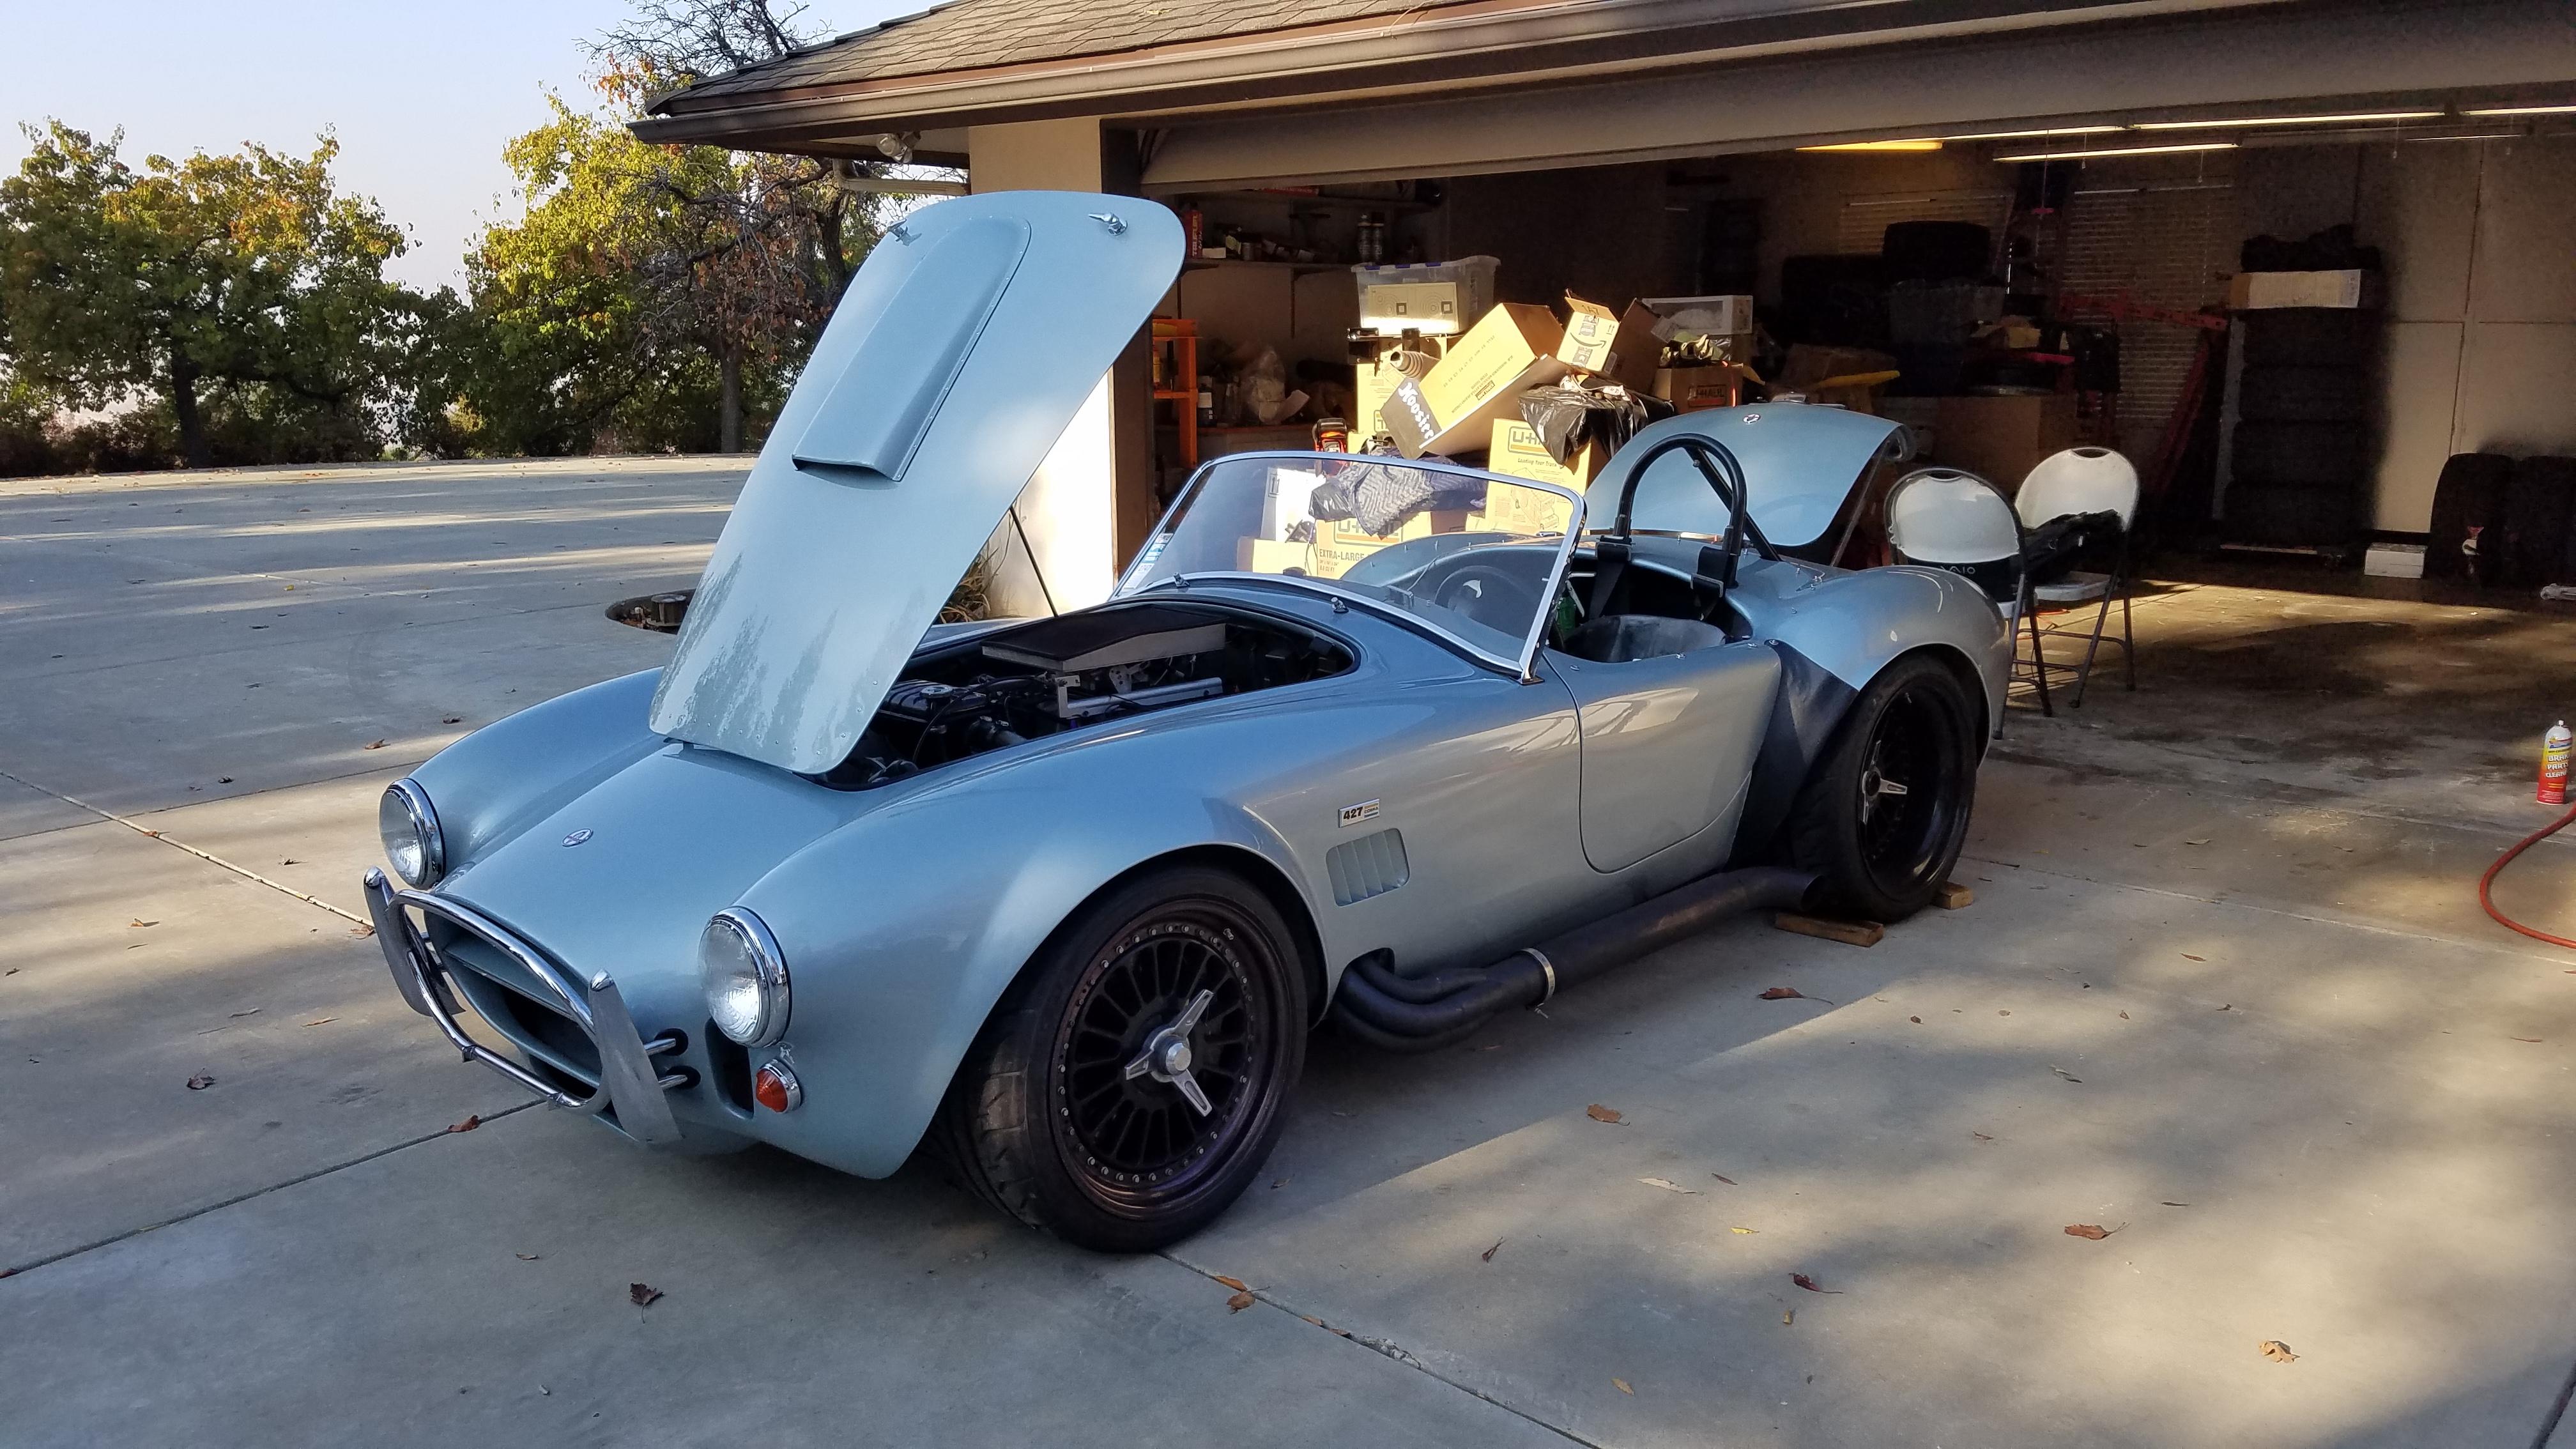 ORIGINAL 427 Cobra